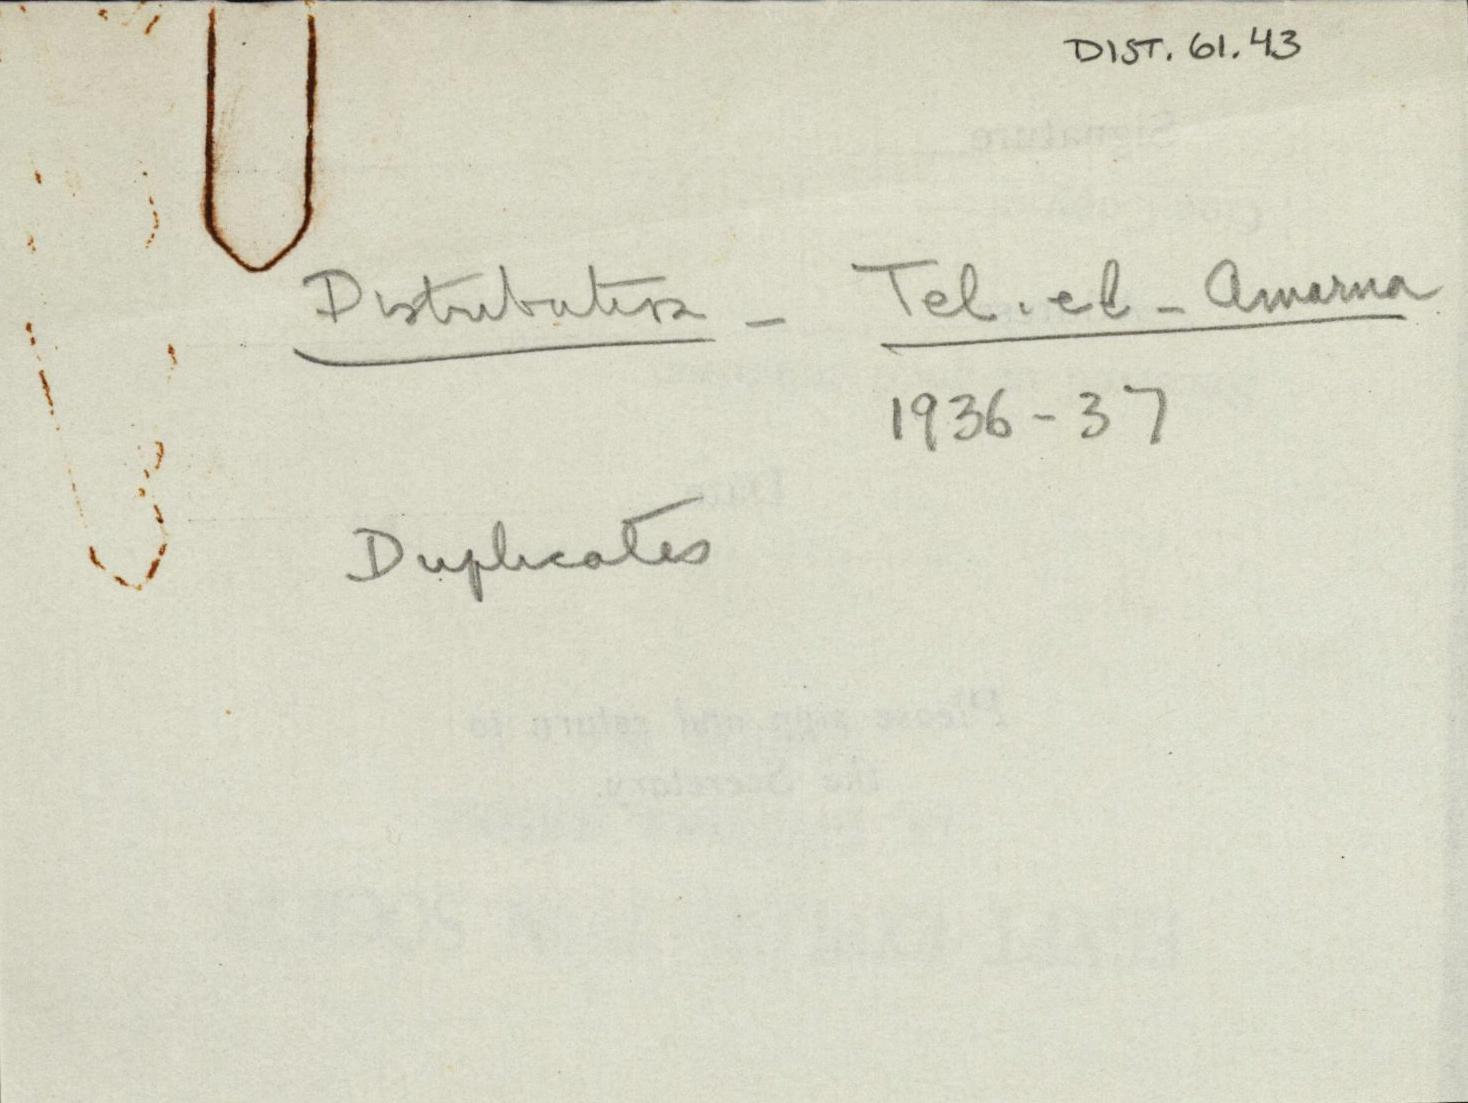 1936-37 el-Amarna DIST.61.43a